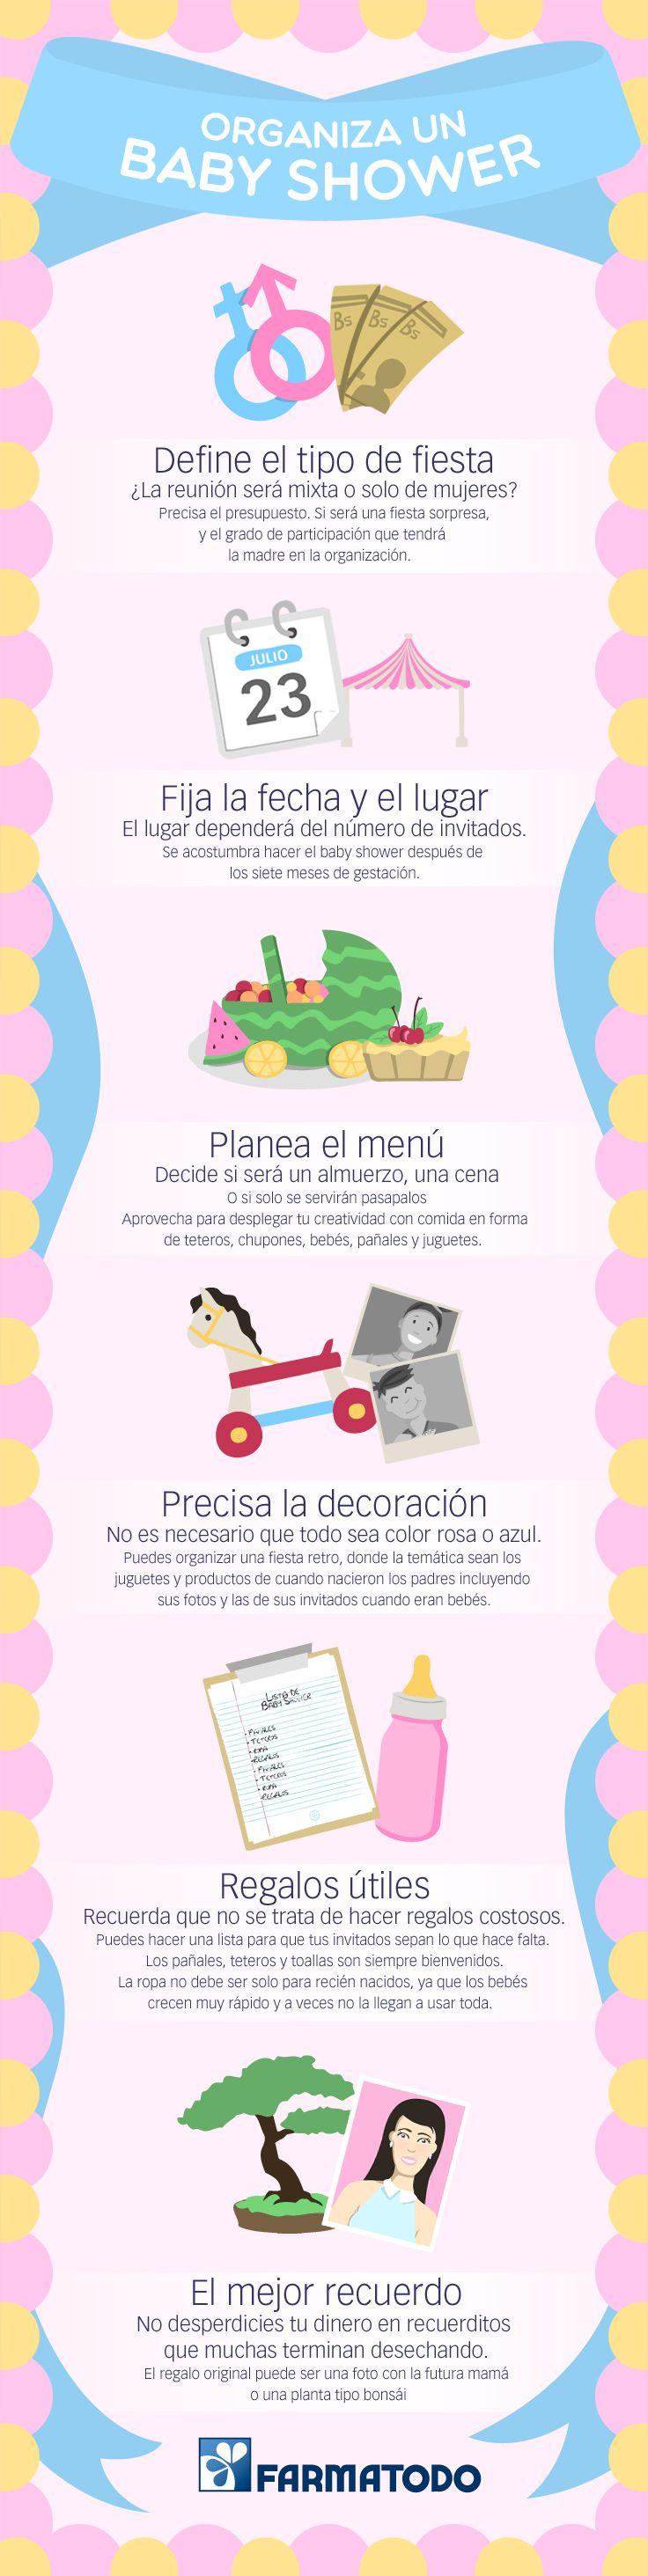 Tips para planificar el Baby Shower #bebe #niños